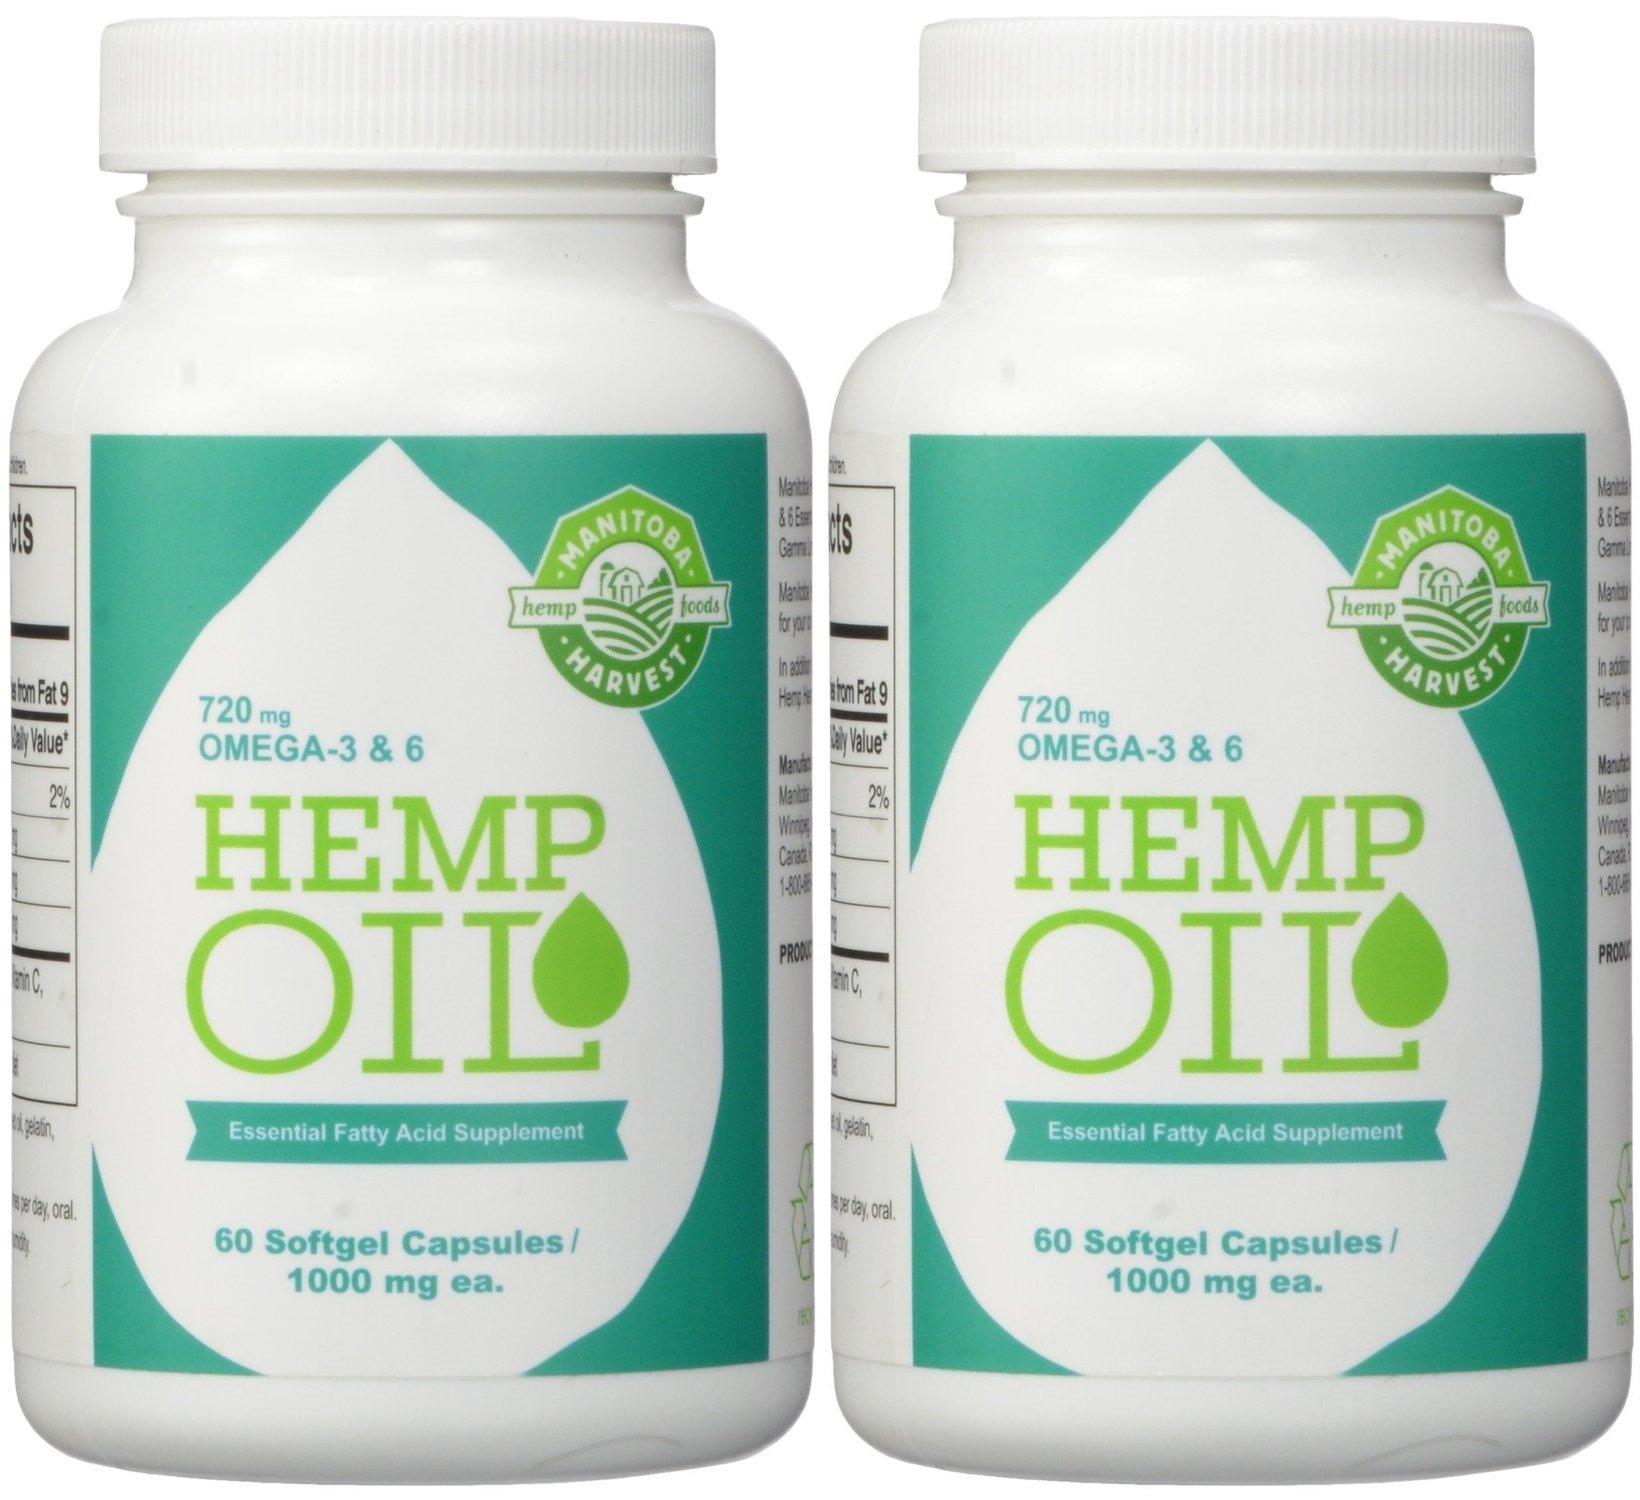 Manitoba Harvest Hemp Foods Hemp Oil Soft Gels, 1000 mg, 60 Count (2 Bottle Pack)